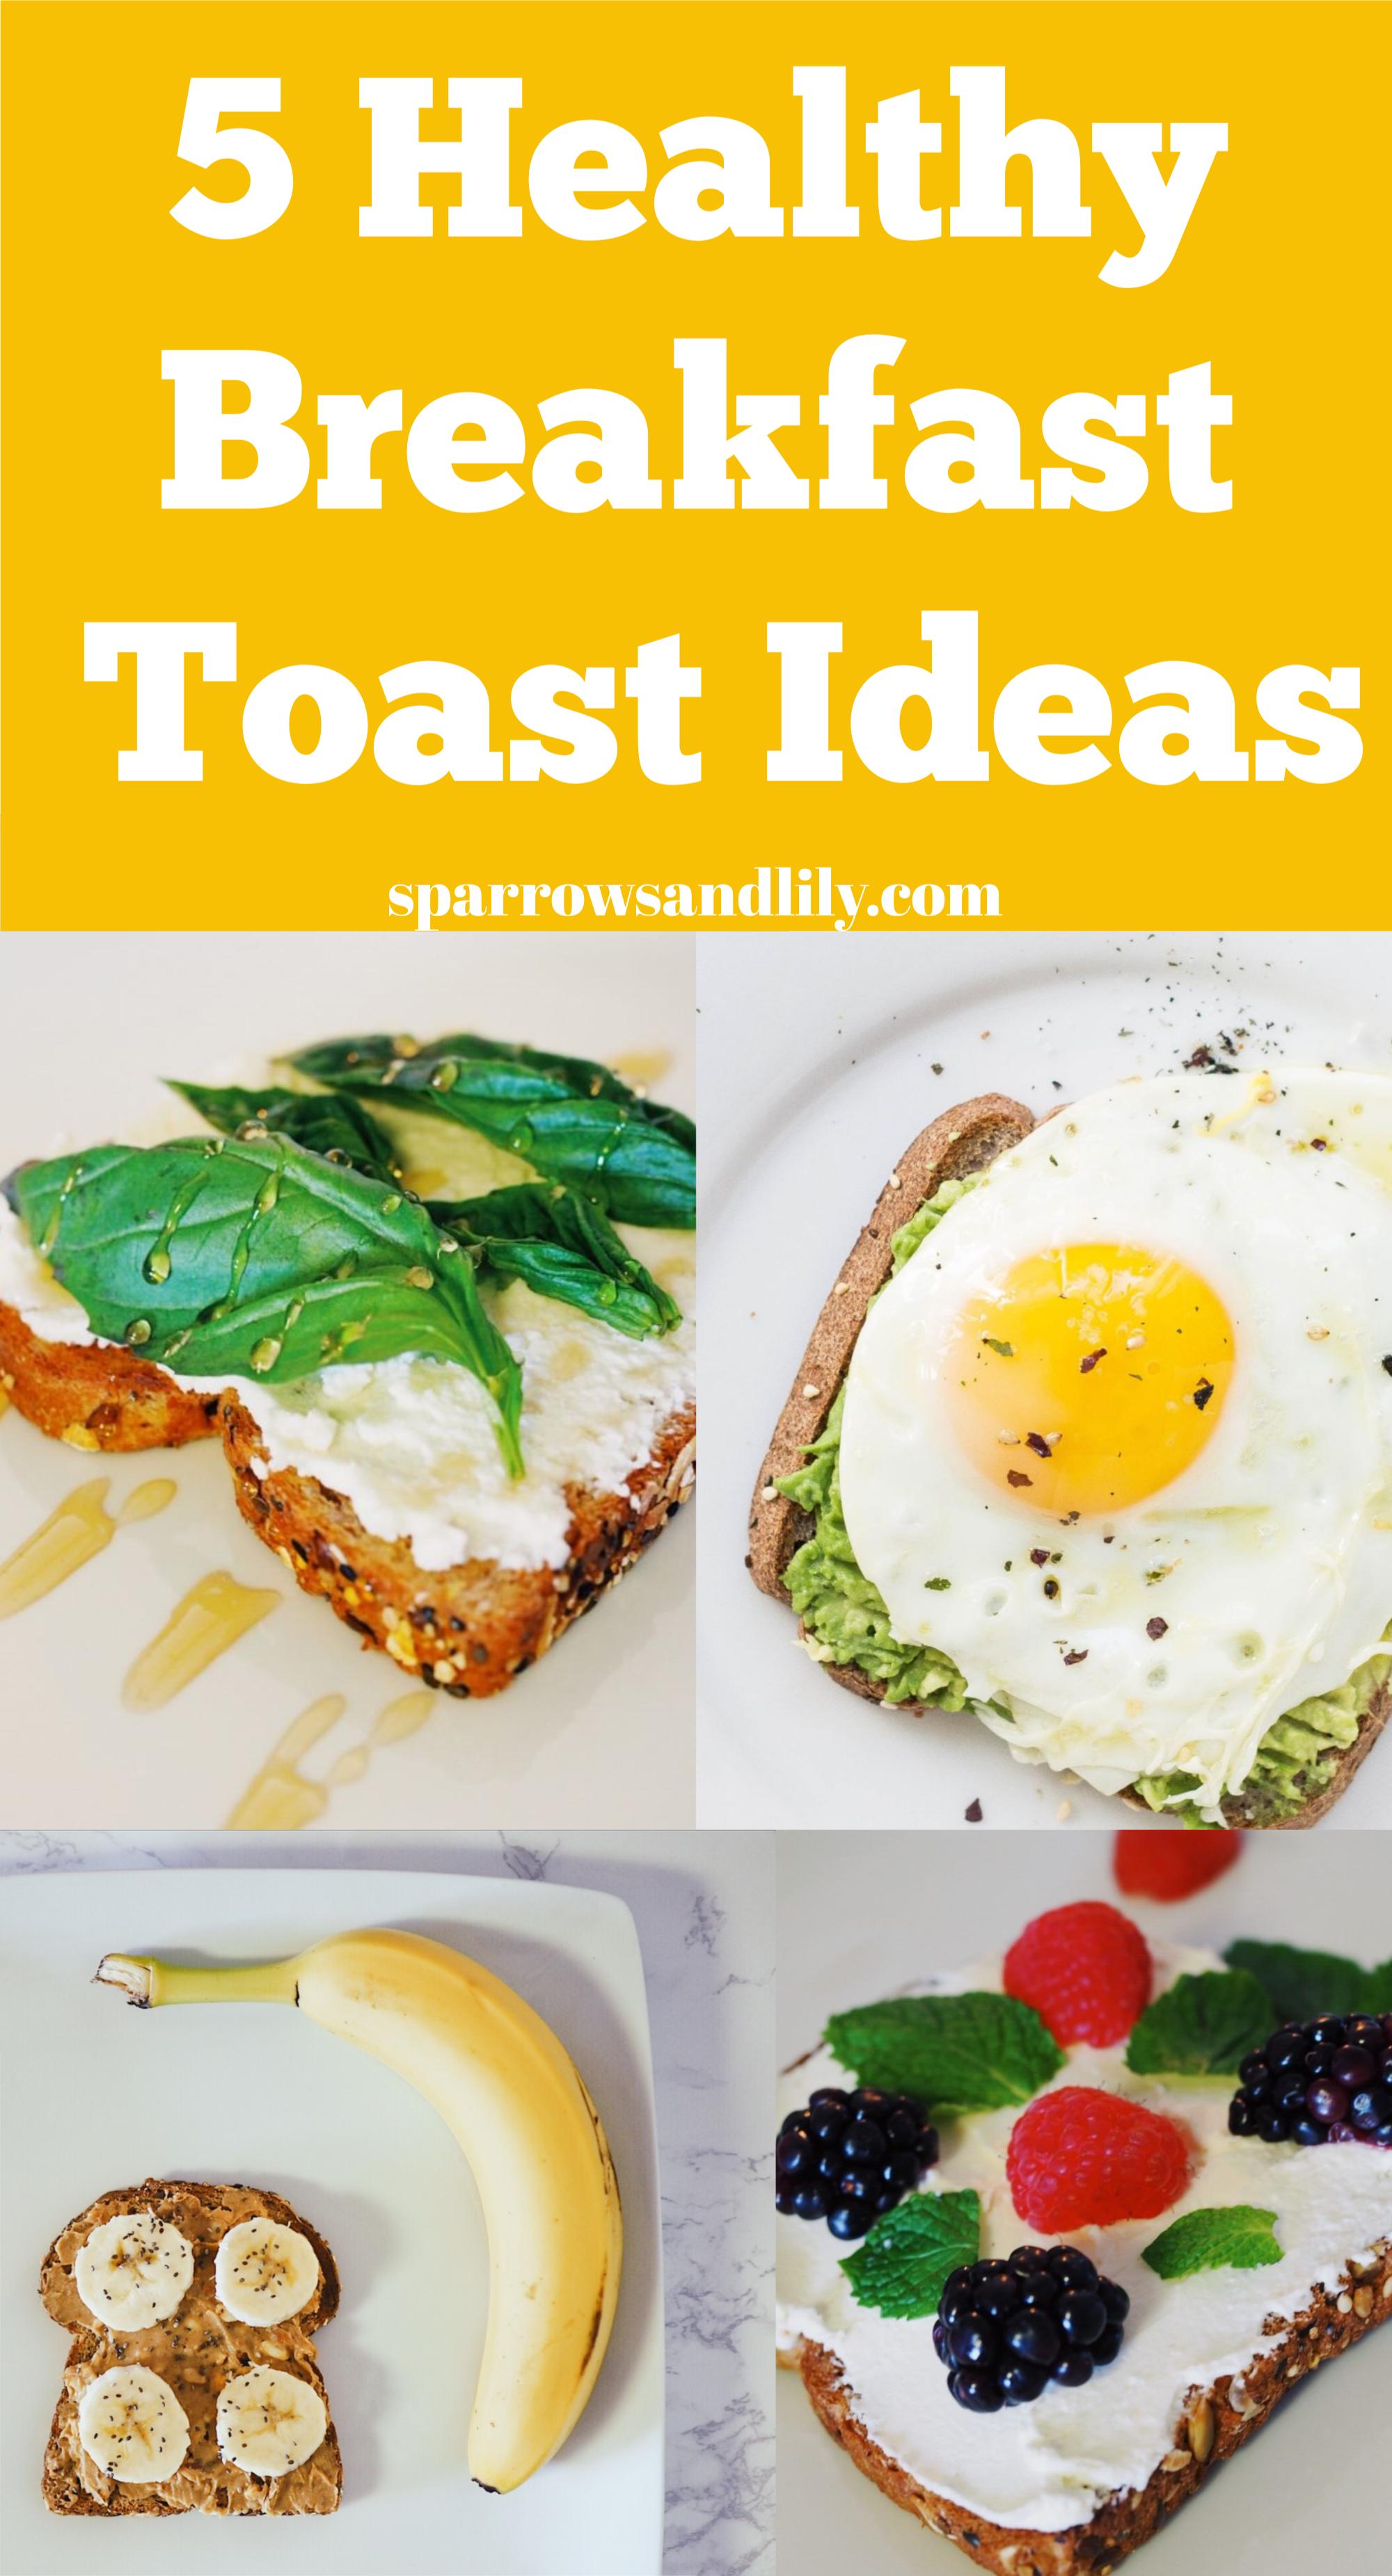 Healthy Breakfast Toast Easy Toast Recipes Easy Breakfast Recipe Easy Breakfast Quick Brea Healthy Breakfast Toast Healthy Breakfast Easy Toast Recipes